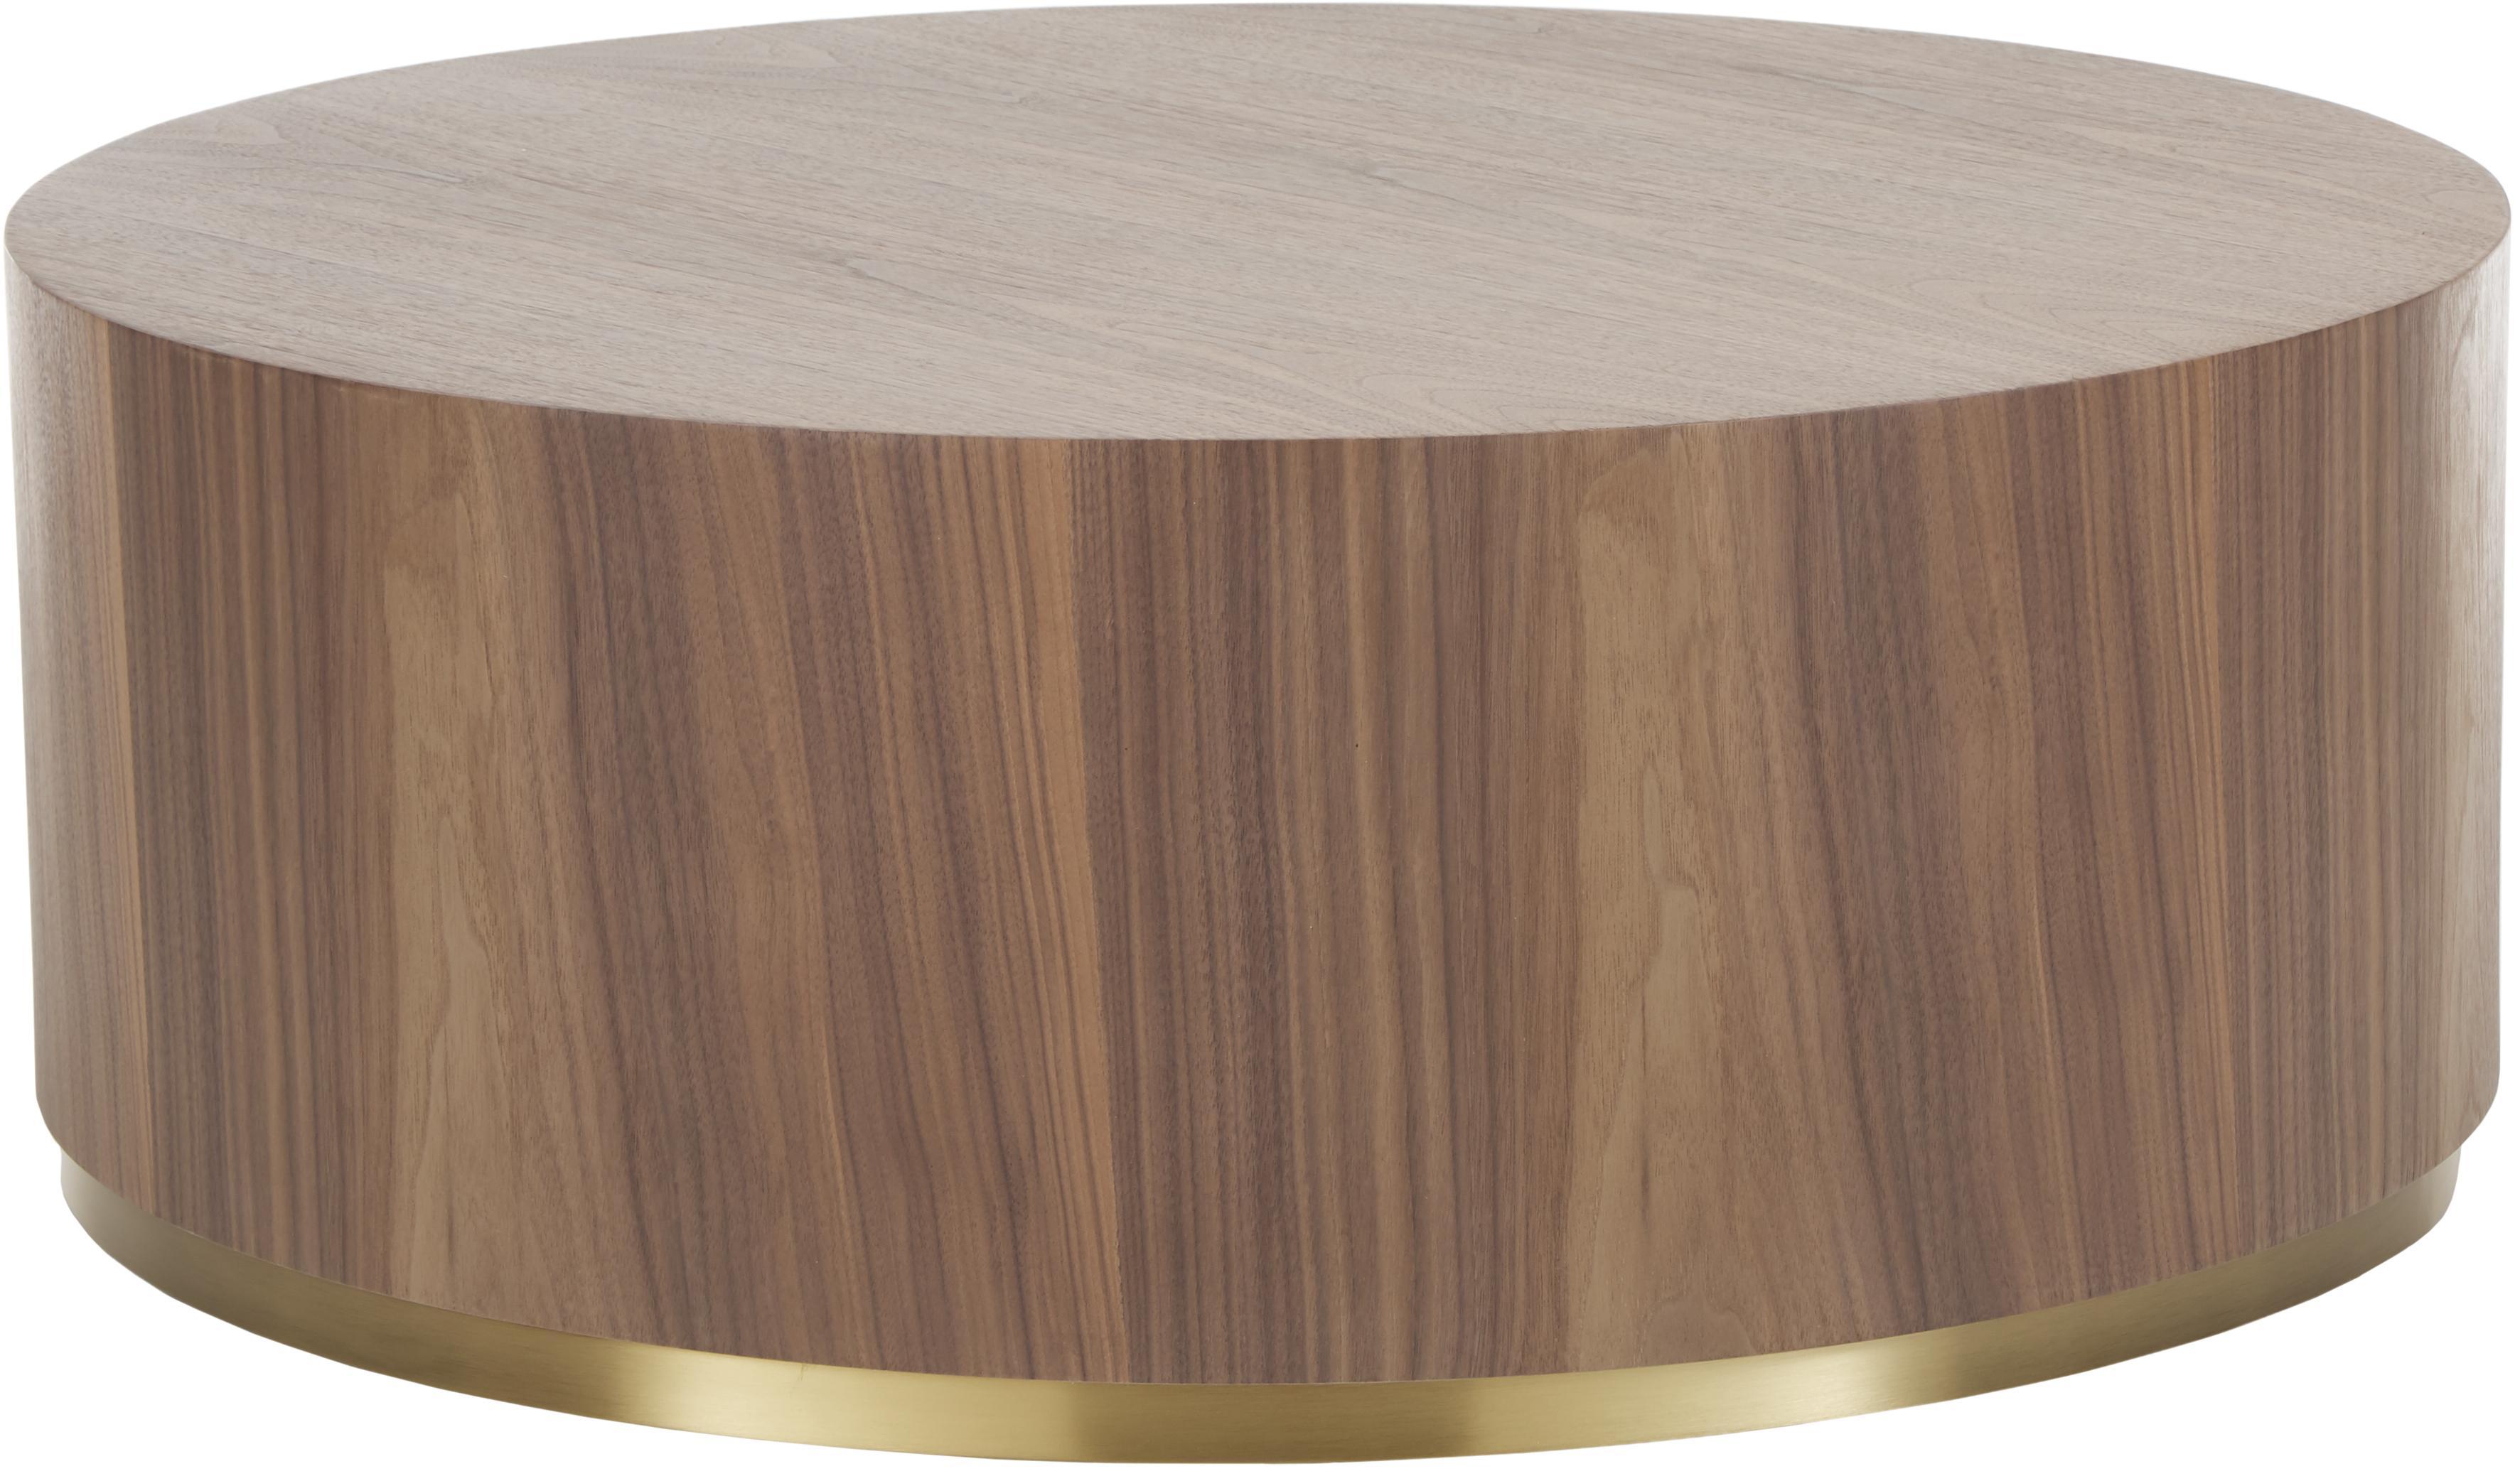 Grosser Couchtisch Clarice in Walnussfarben, Korpus: Mitteldichte Holzfaserpla, Korpus: WalnussholzfurnierFuss: Goldfarben, glänzend gebürstet, Ø 90 x H 35 cm